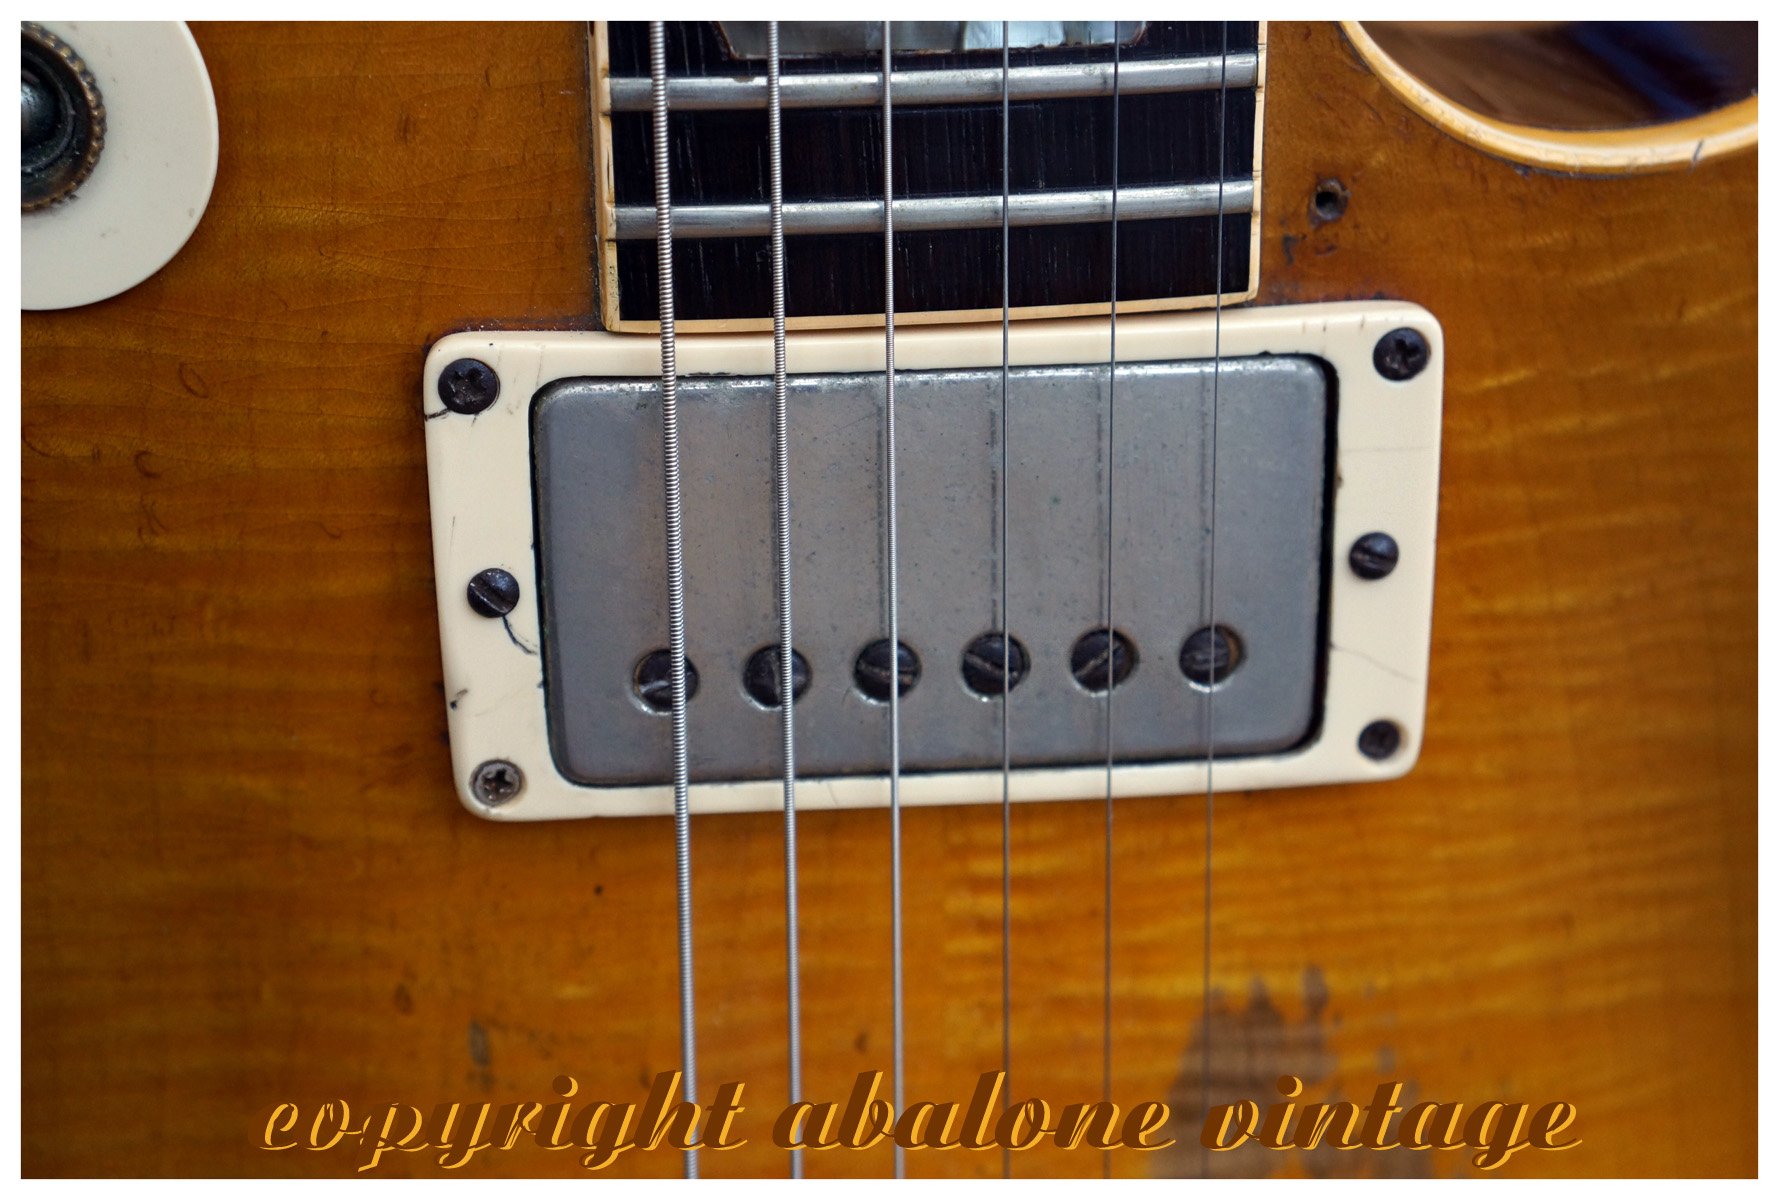 1959_Gibson_Les_Paul_guitar_Greenie_pick